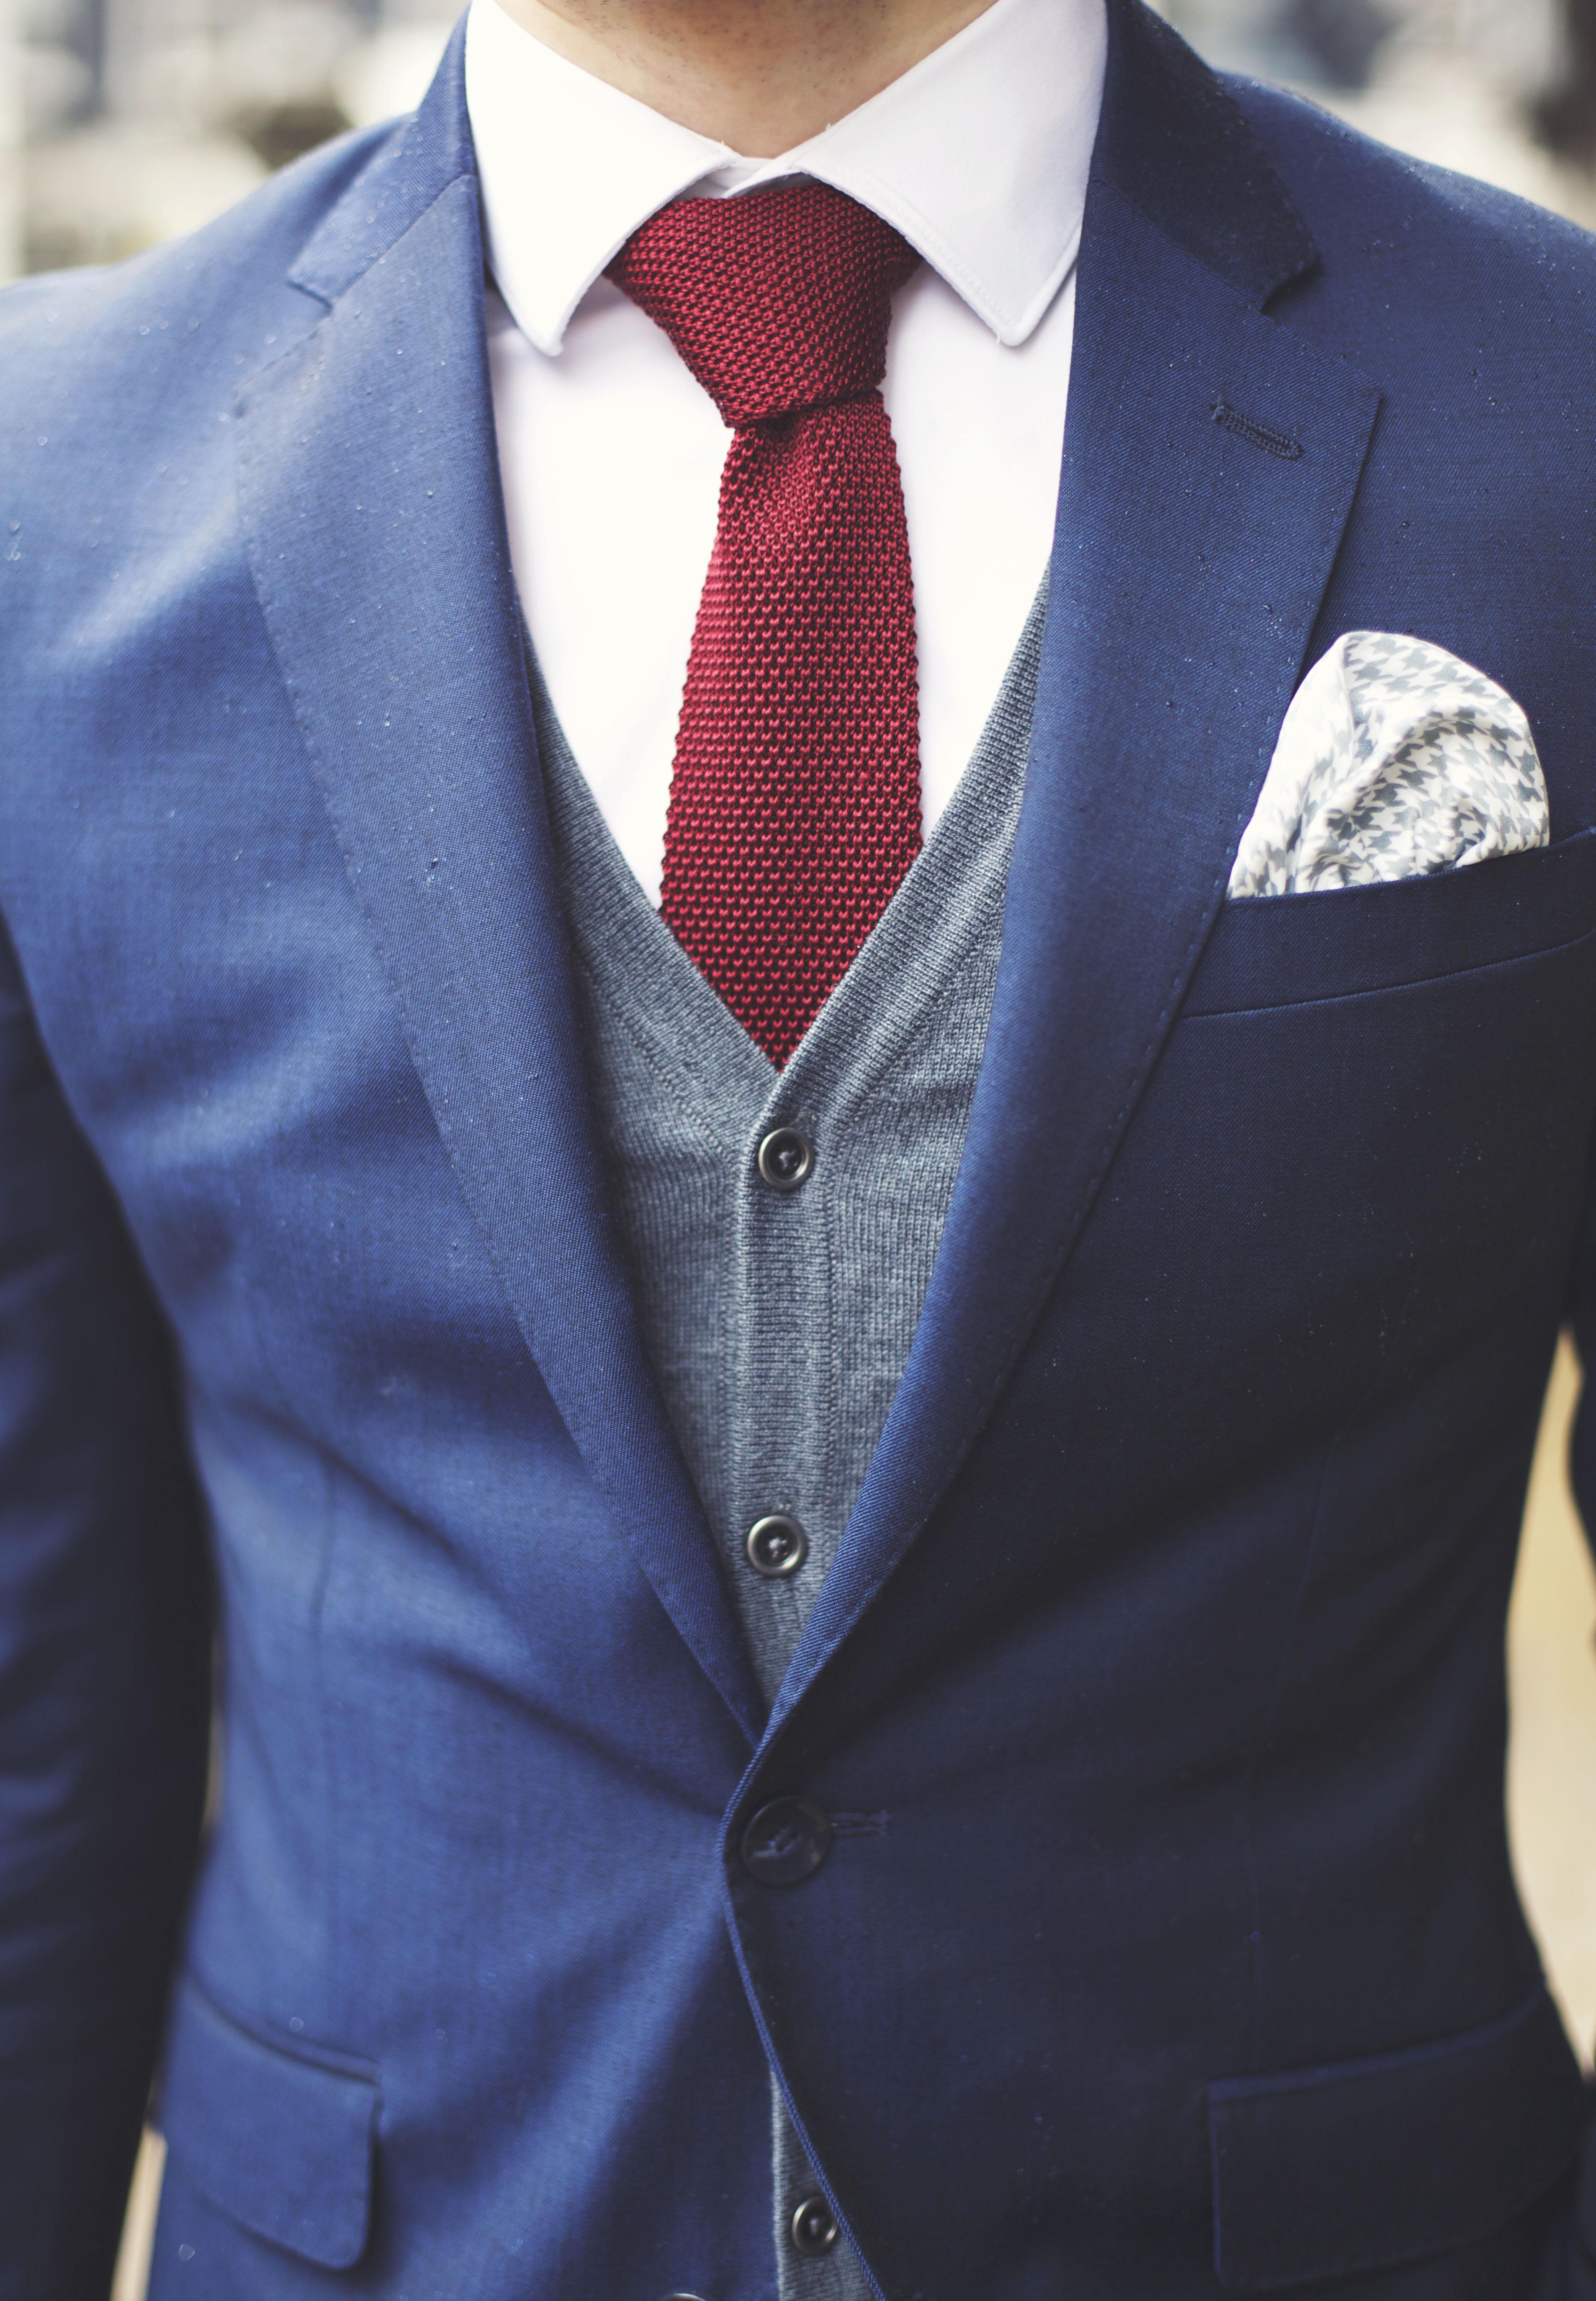 Men's Style - Tailoring Knitwear